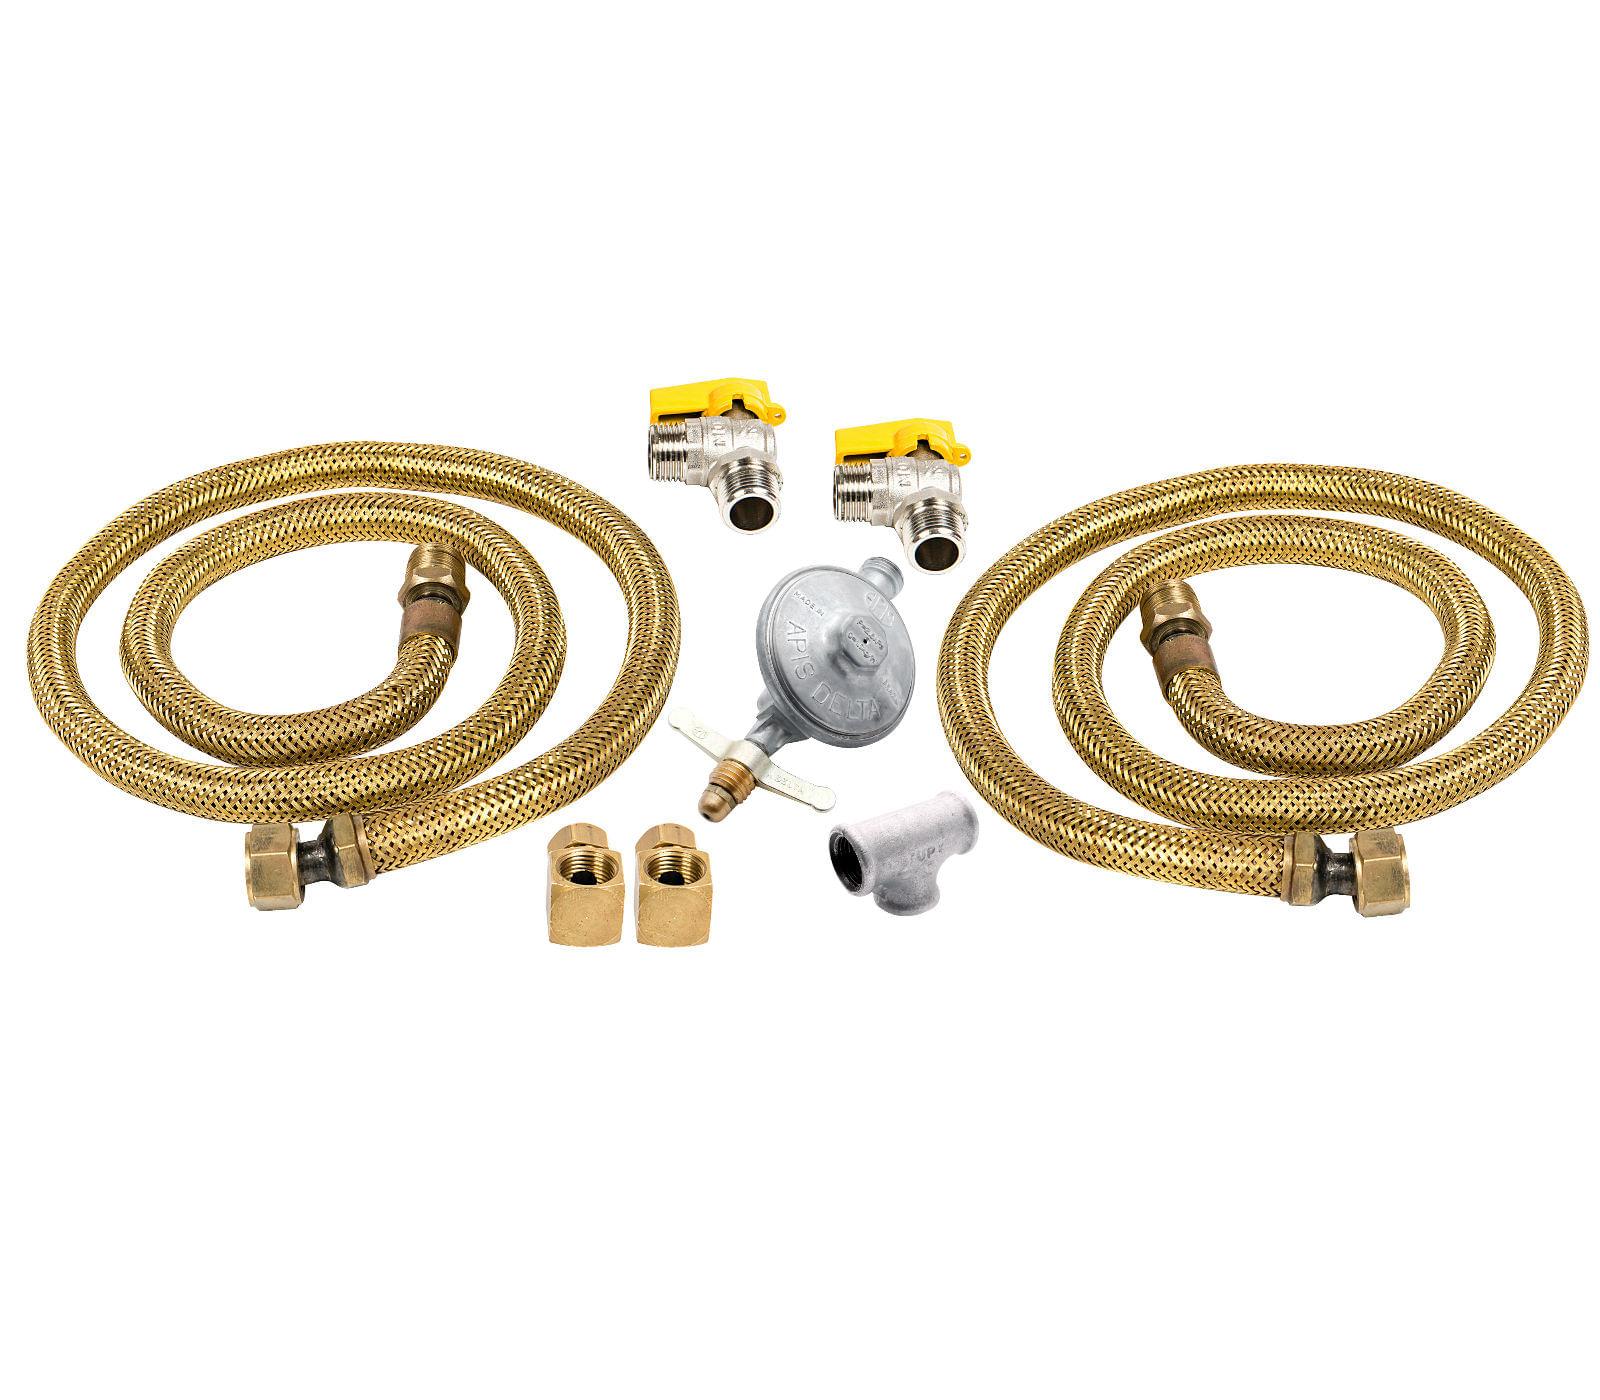 Kit de Instalação Duplo para Cooktop e Forno para Gás de Botijão - CJ-W10866791_2GLP